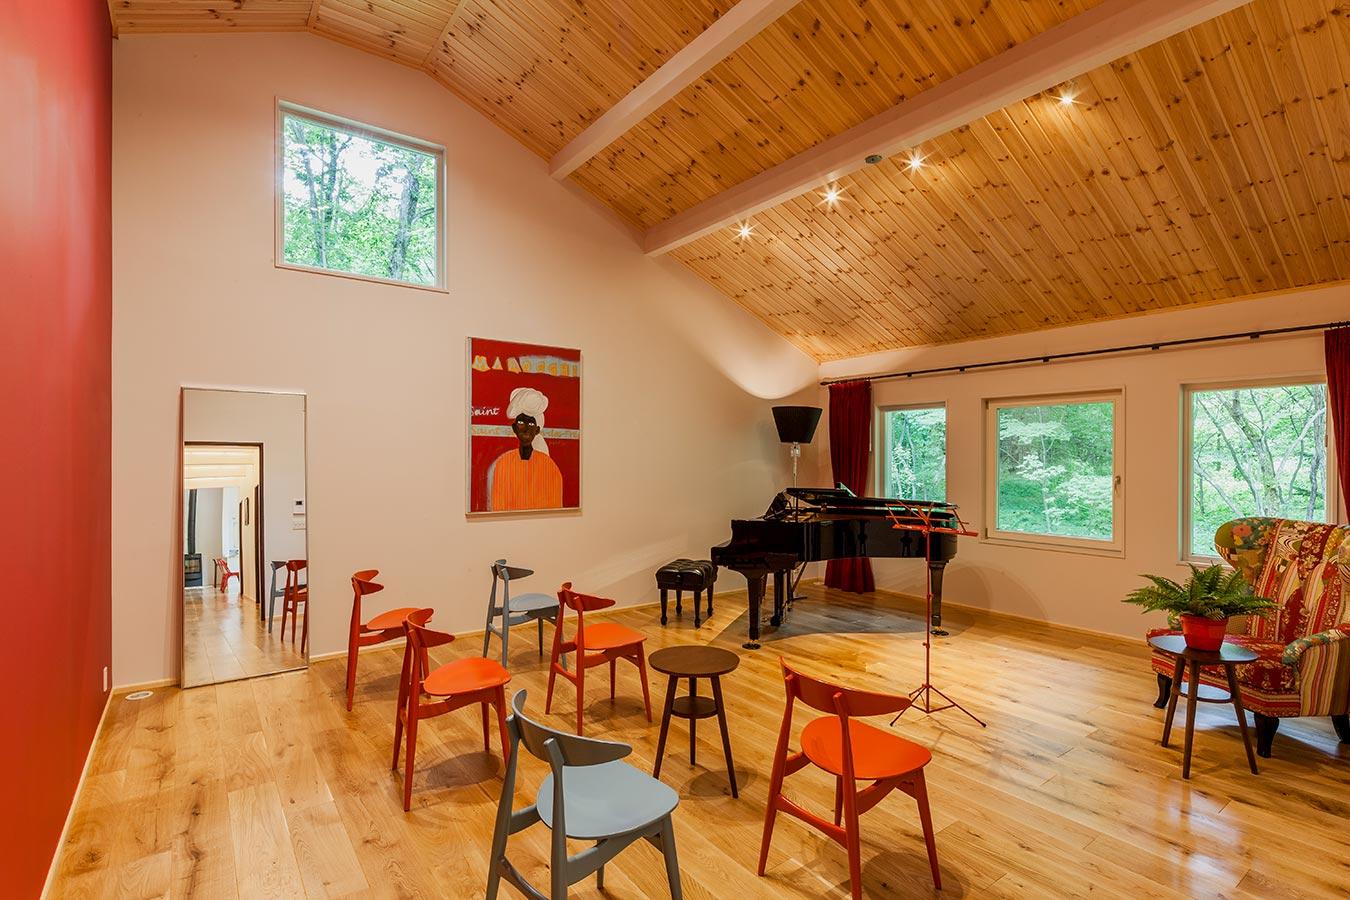 緩やかなアーチを描いた天井が柔らかな印象を与える演奏会スペース。